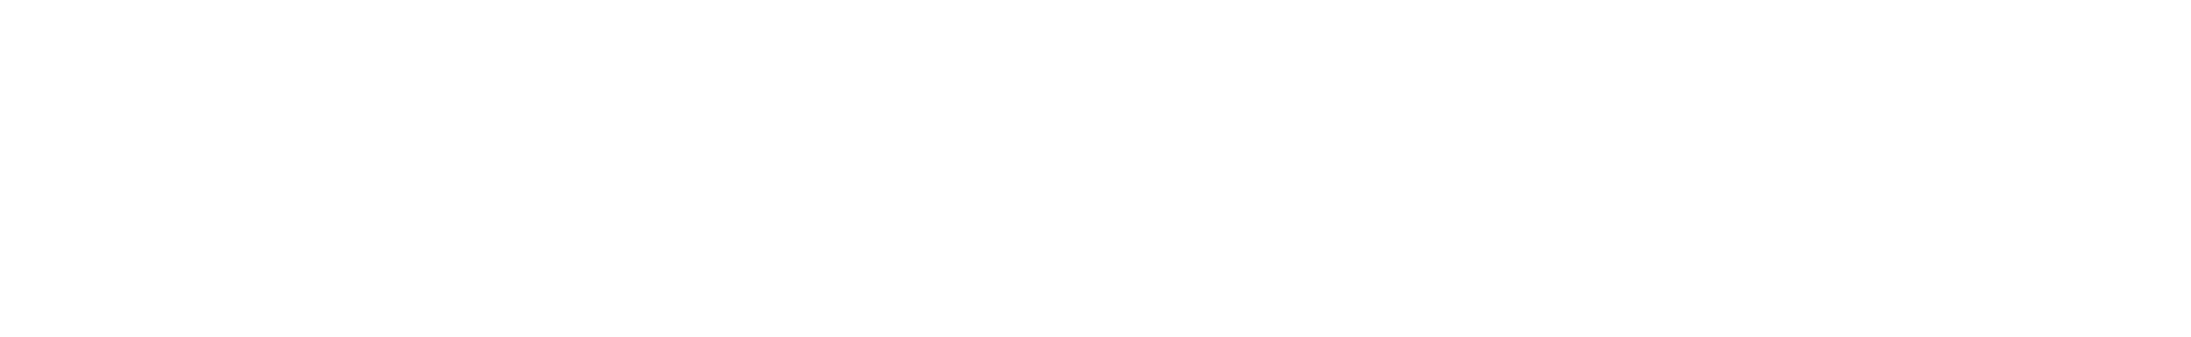 エフライドロゴ